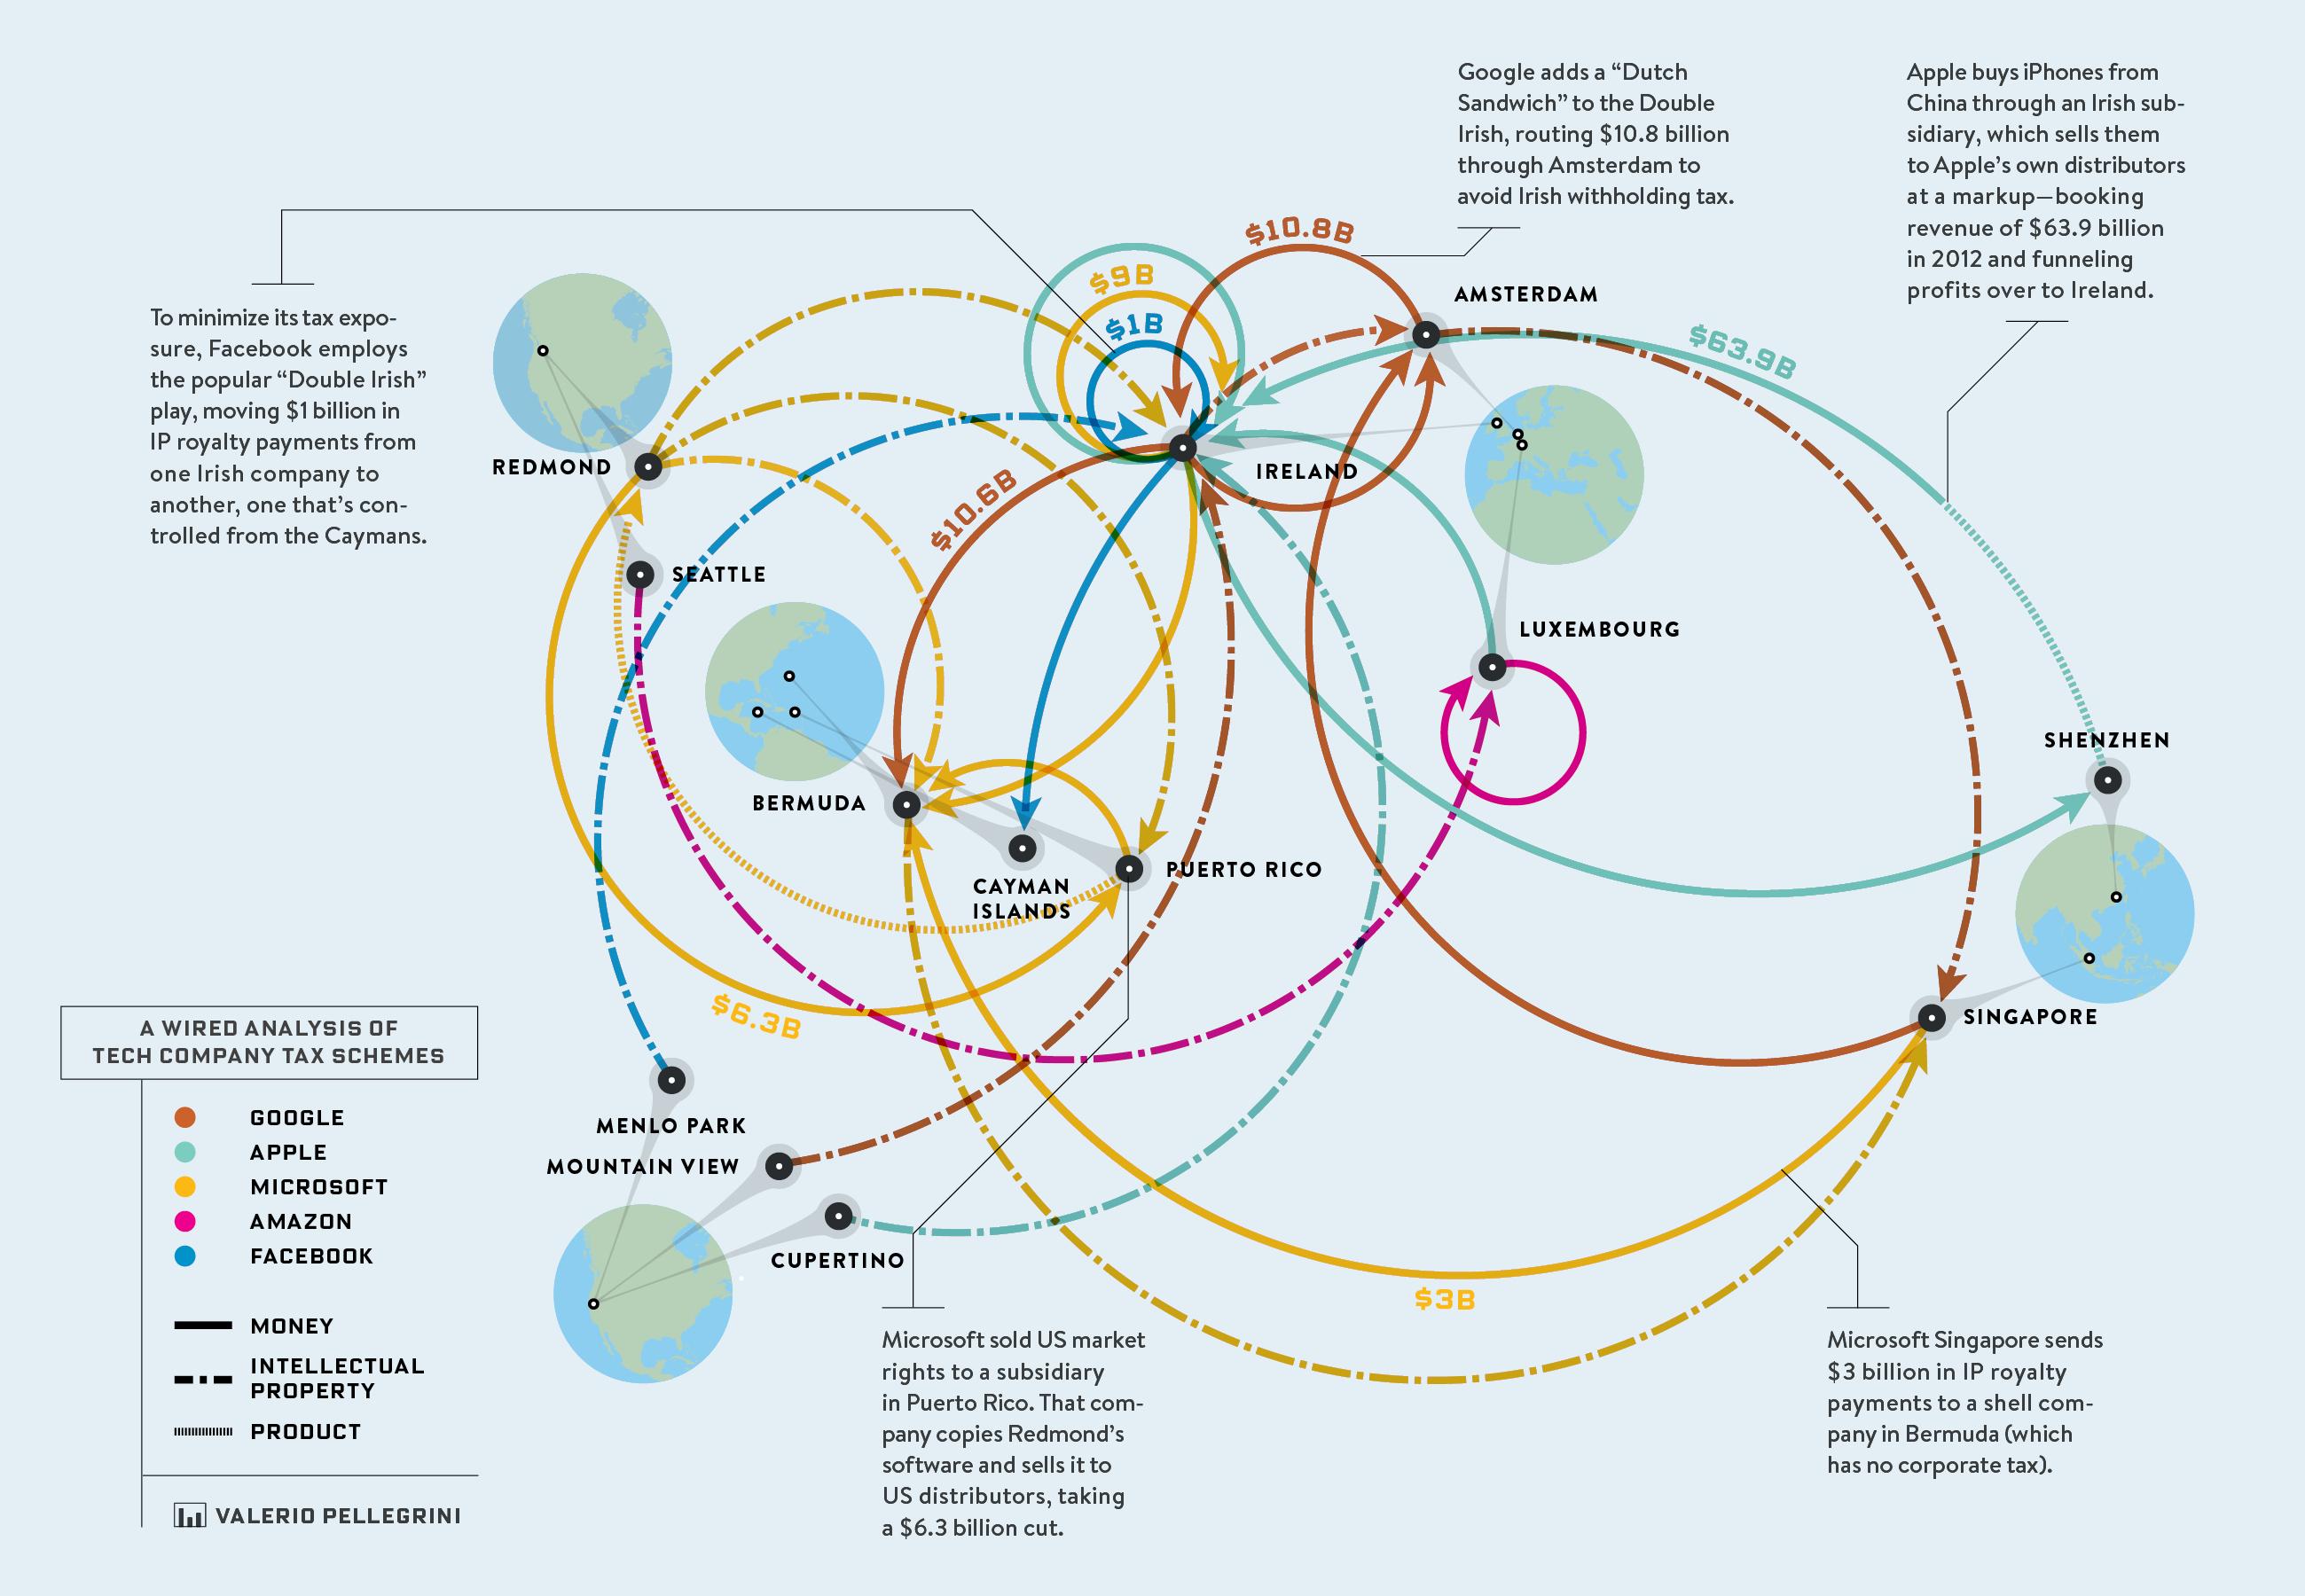 Интересная инфографика журнала «Wired» по нашей теме. Наглядно изображены те самые петли возврата налоговых средств.